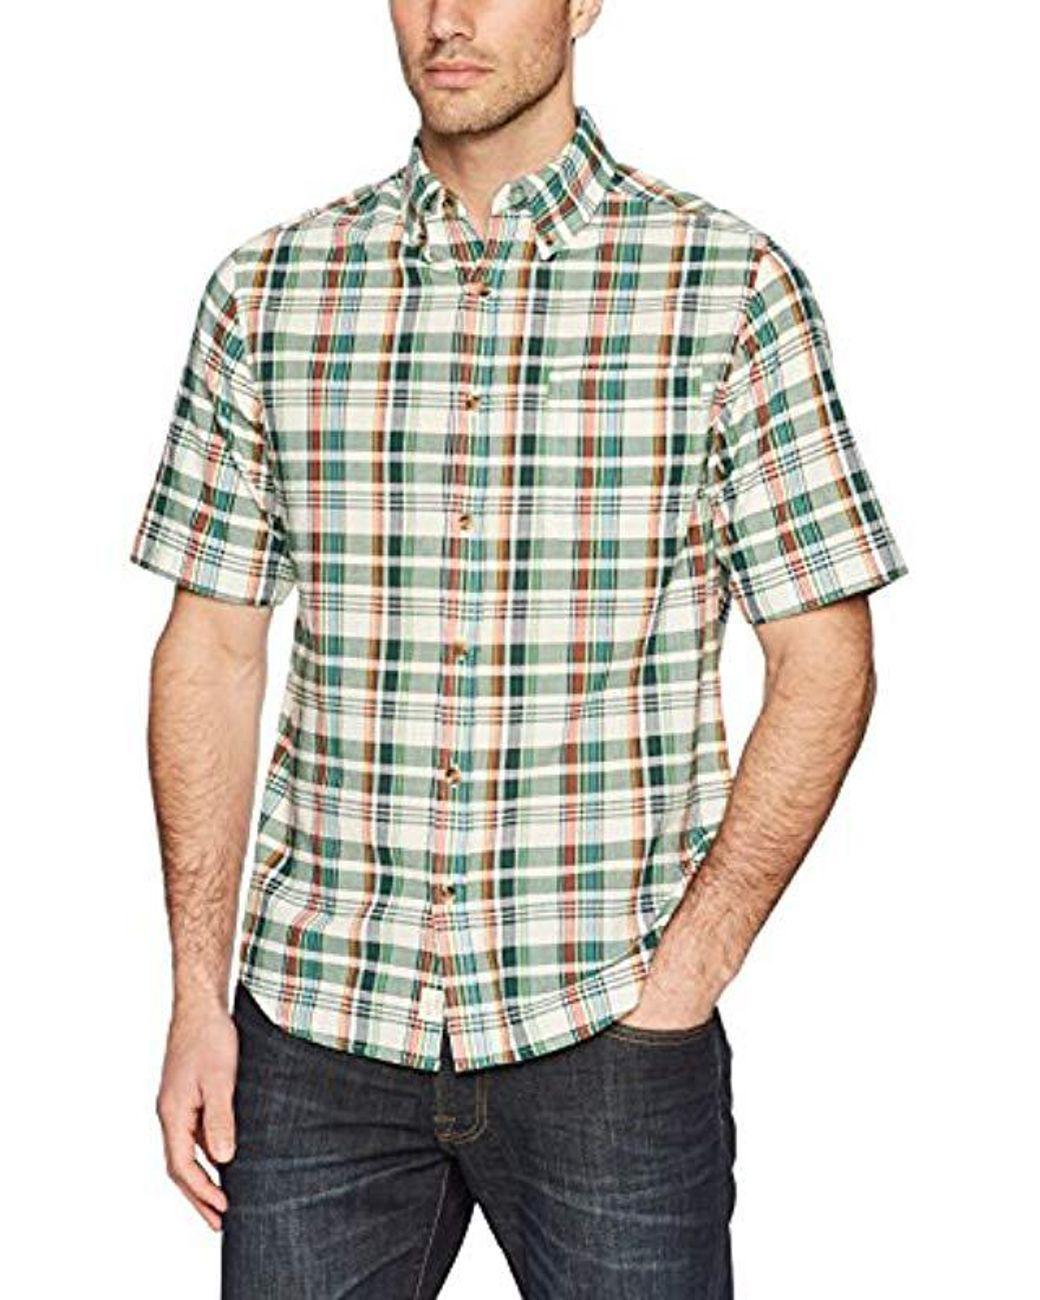 6d69c63a559d38 Lyst - Woolrich Timberline Short Sleeve Shirt in Green for Men ...